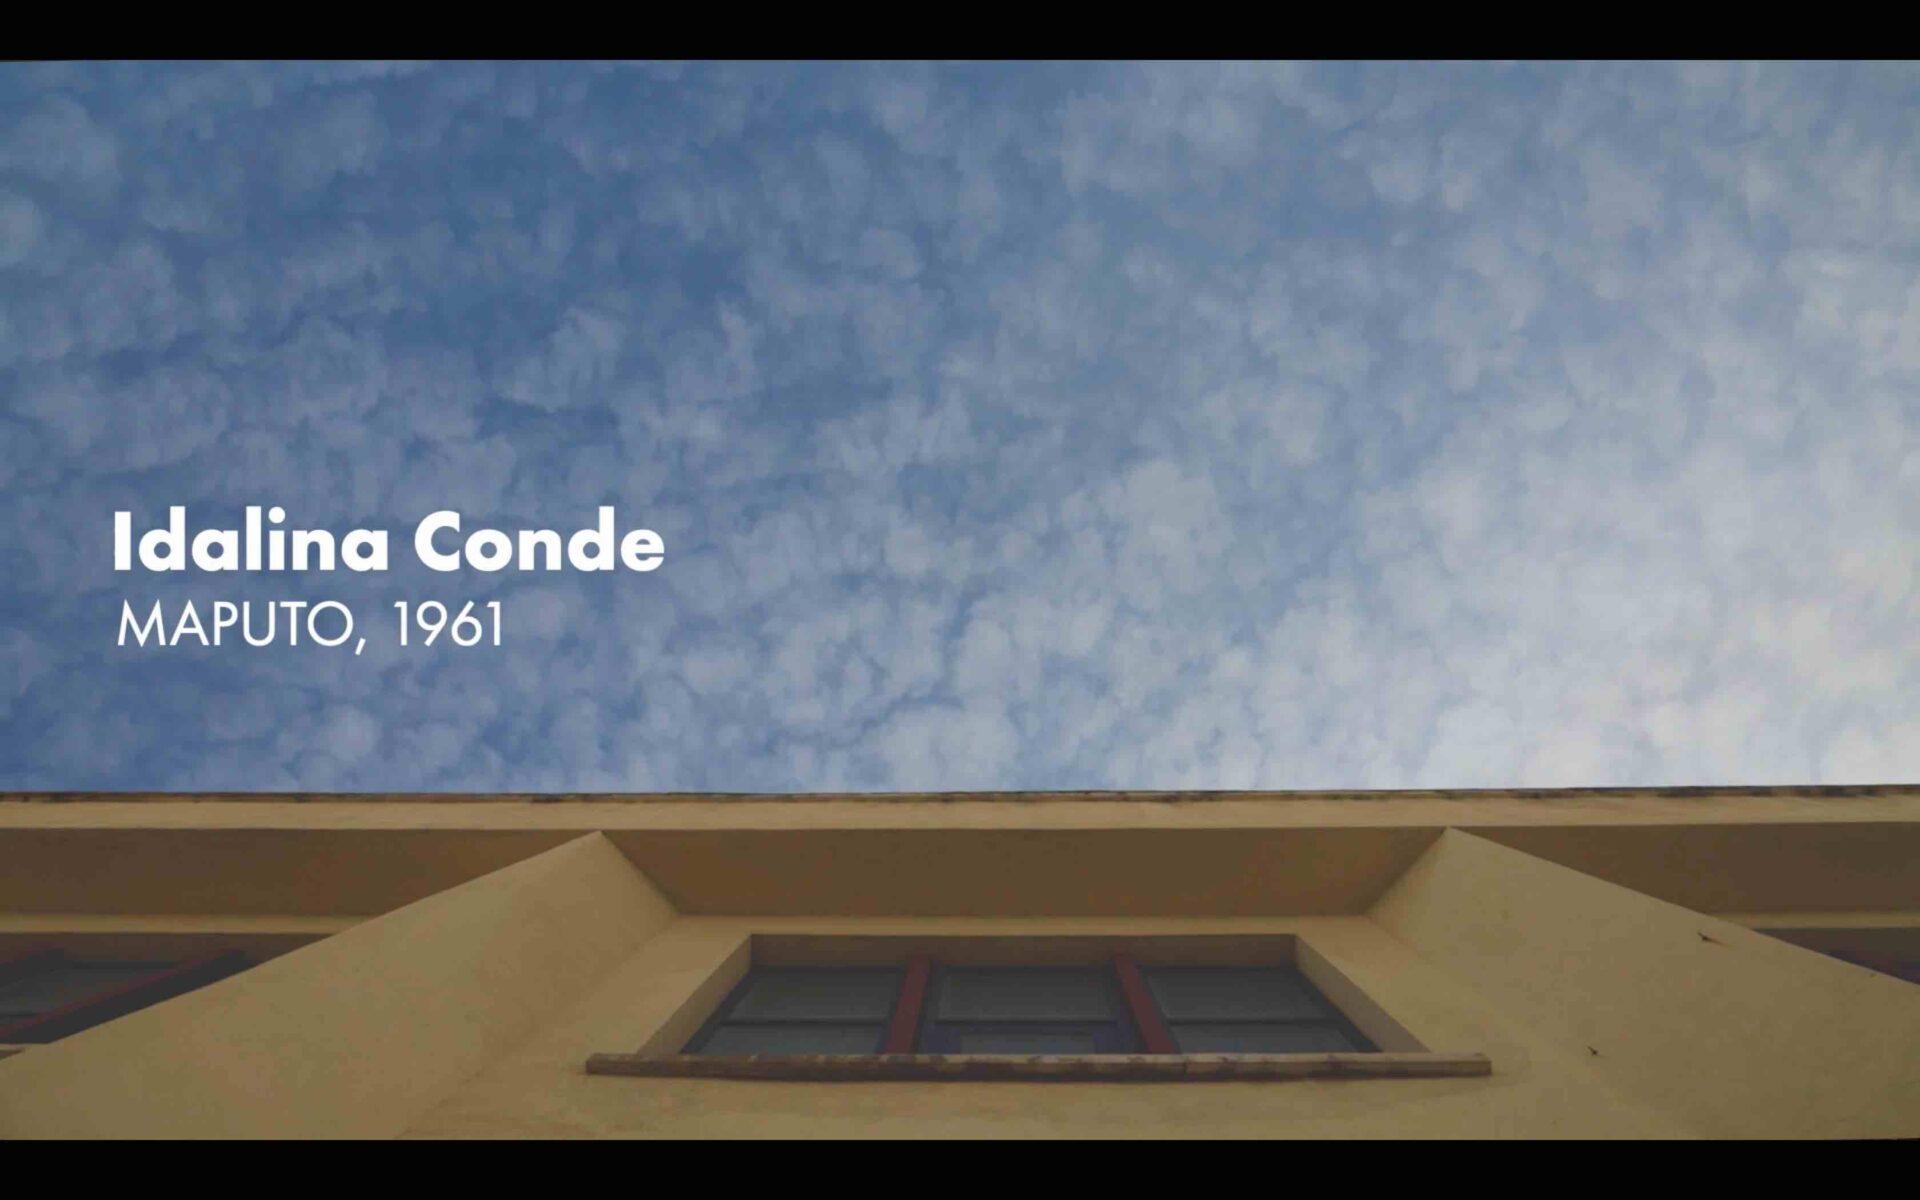 Idalina Conde